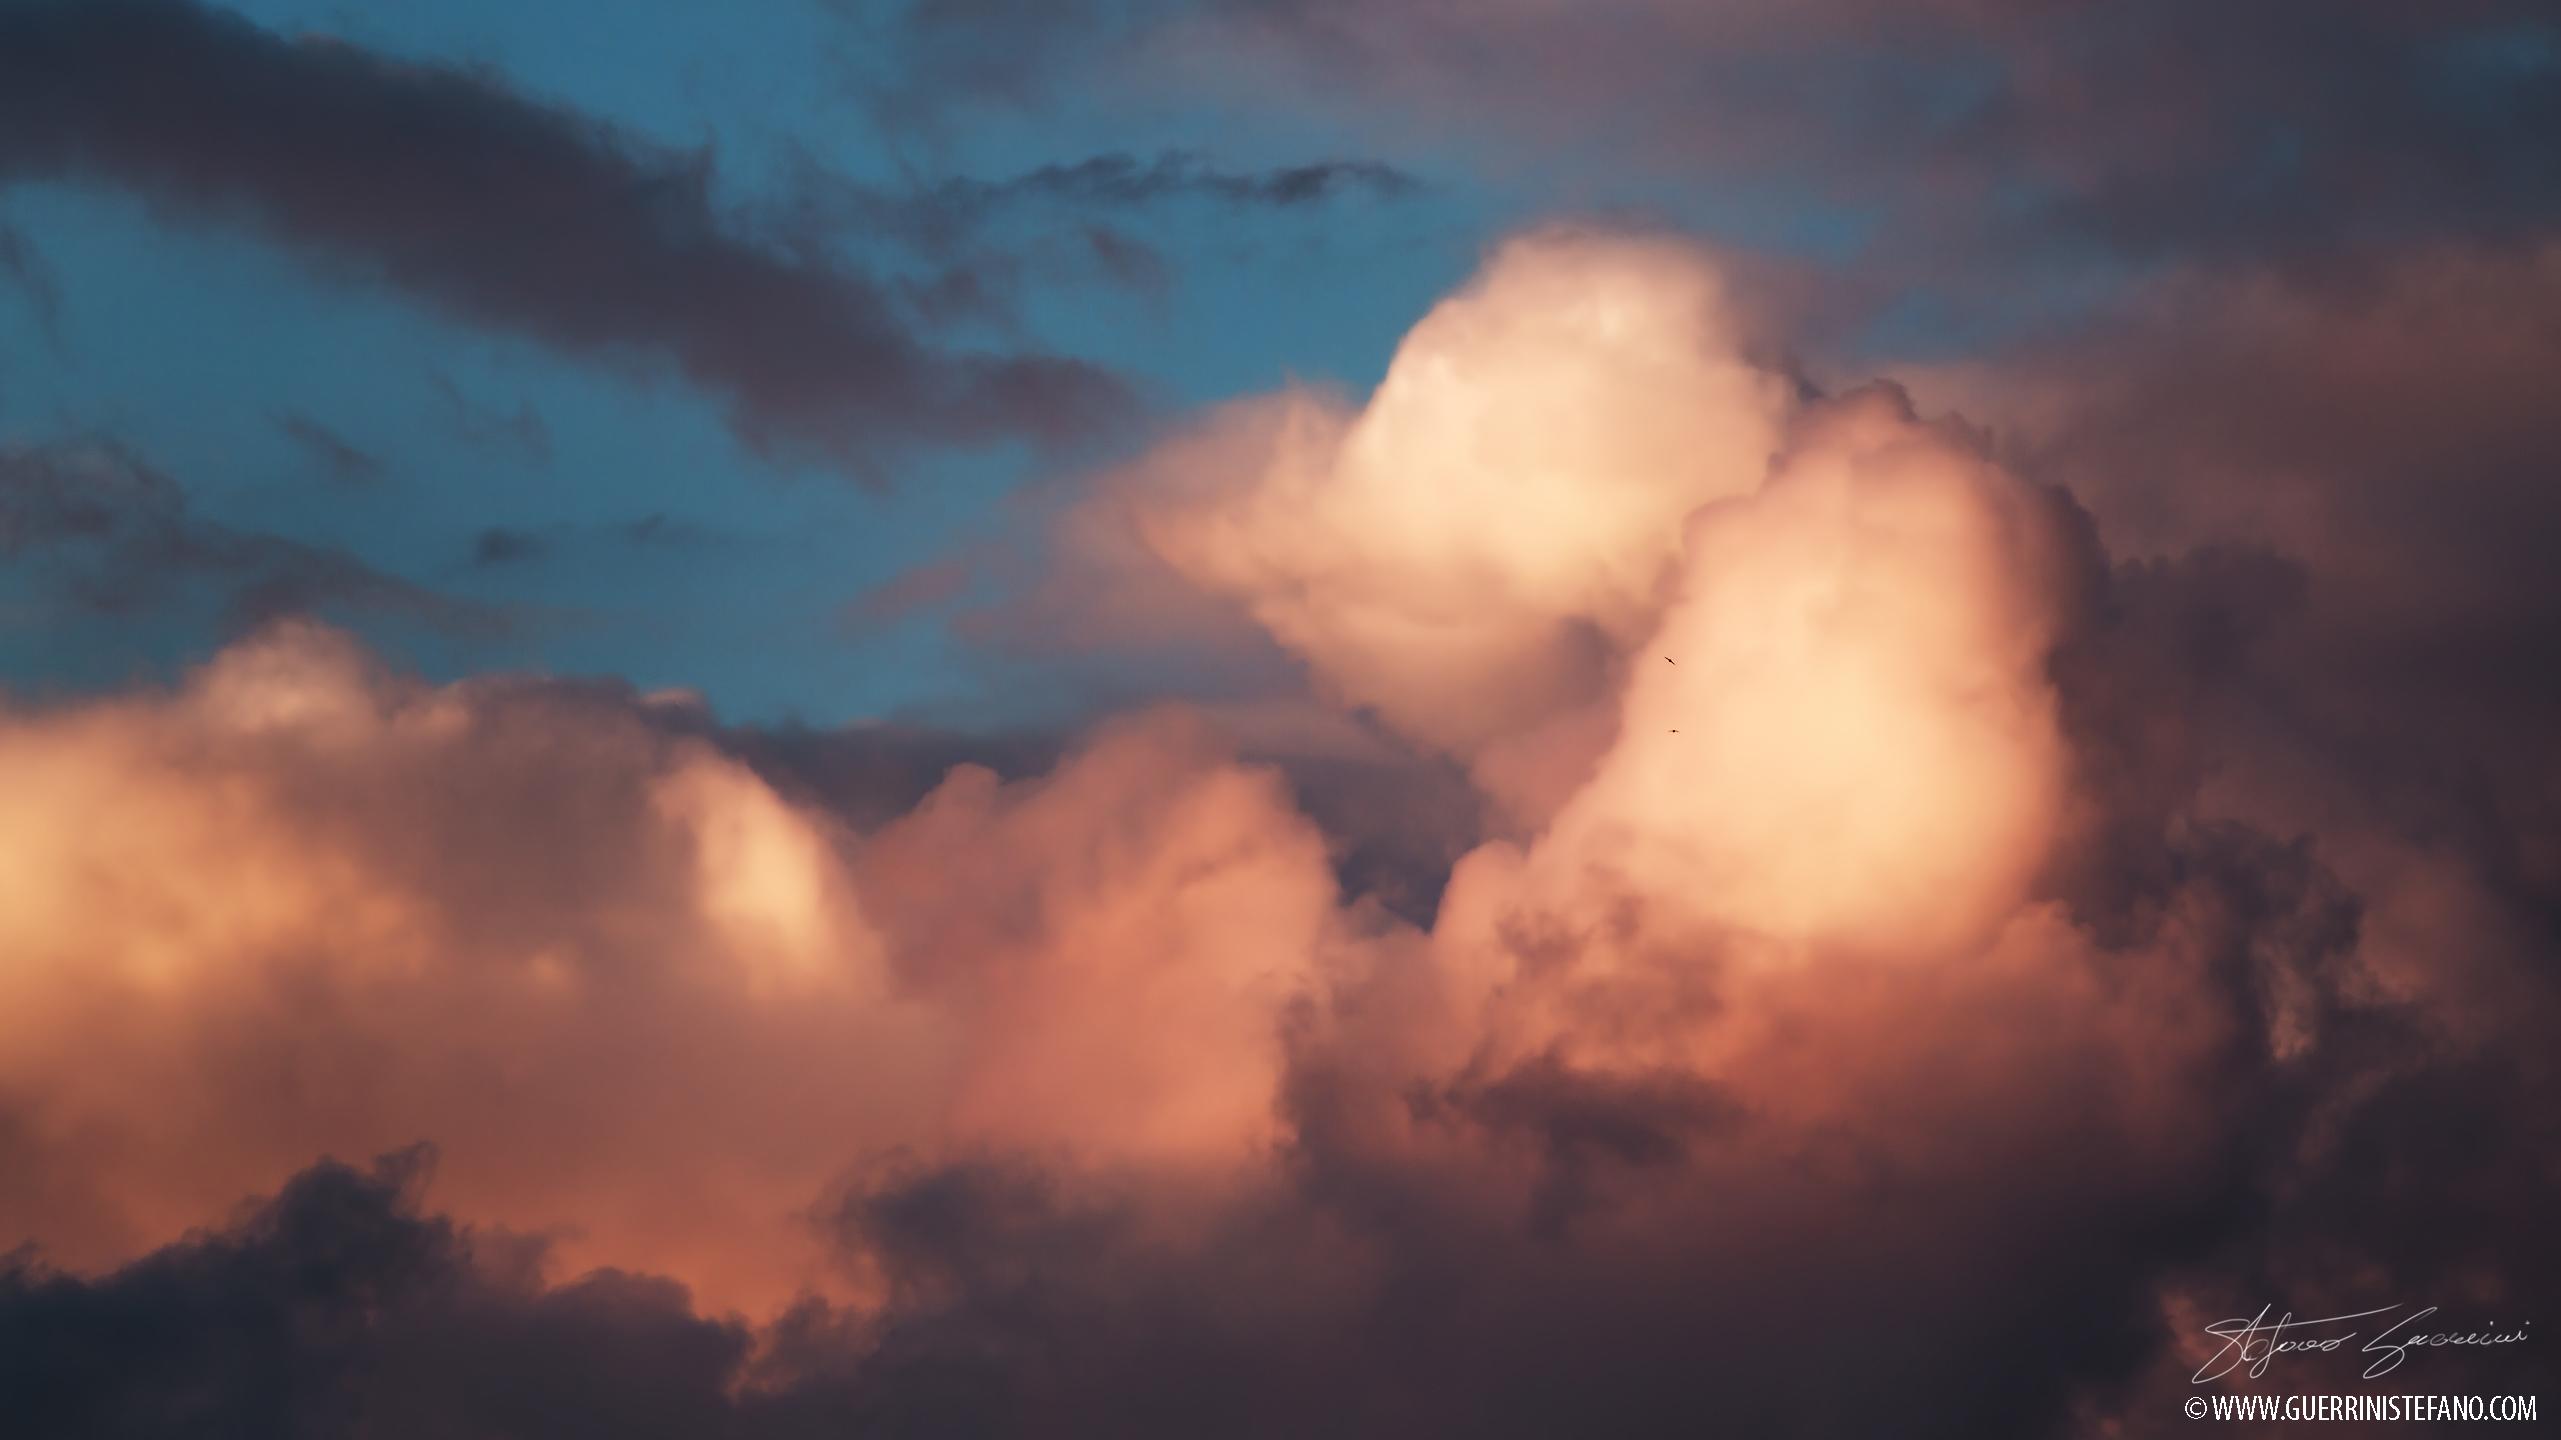 rondini-al-tramonto-rid-by-guerrini-stefano